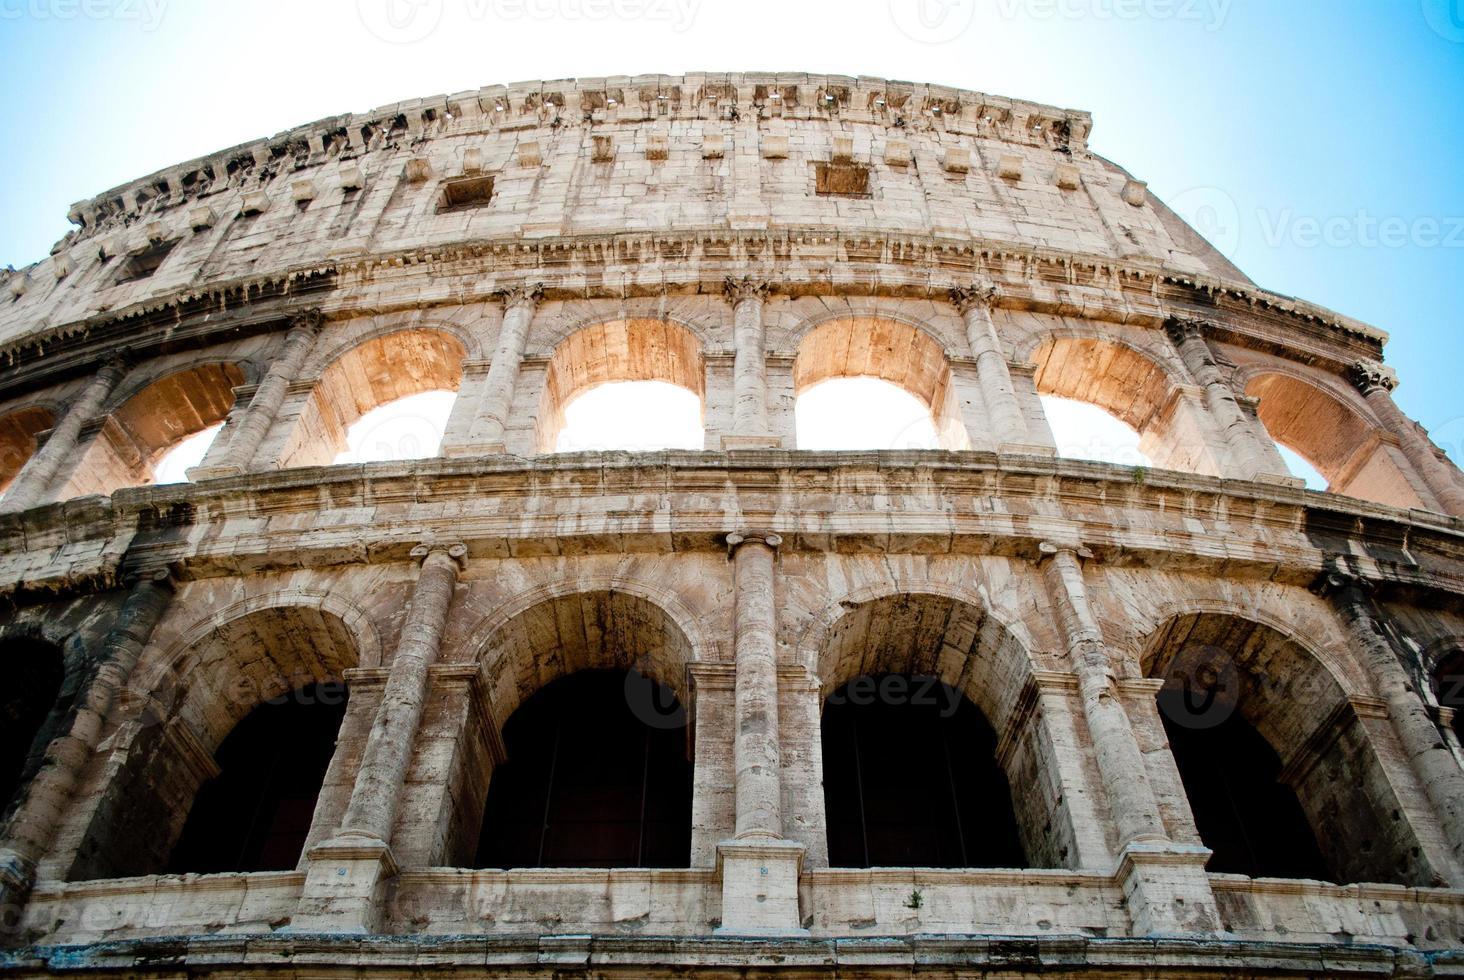 Colosseum close-up photo